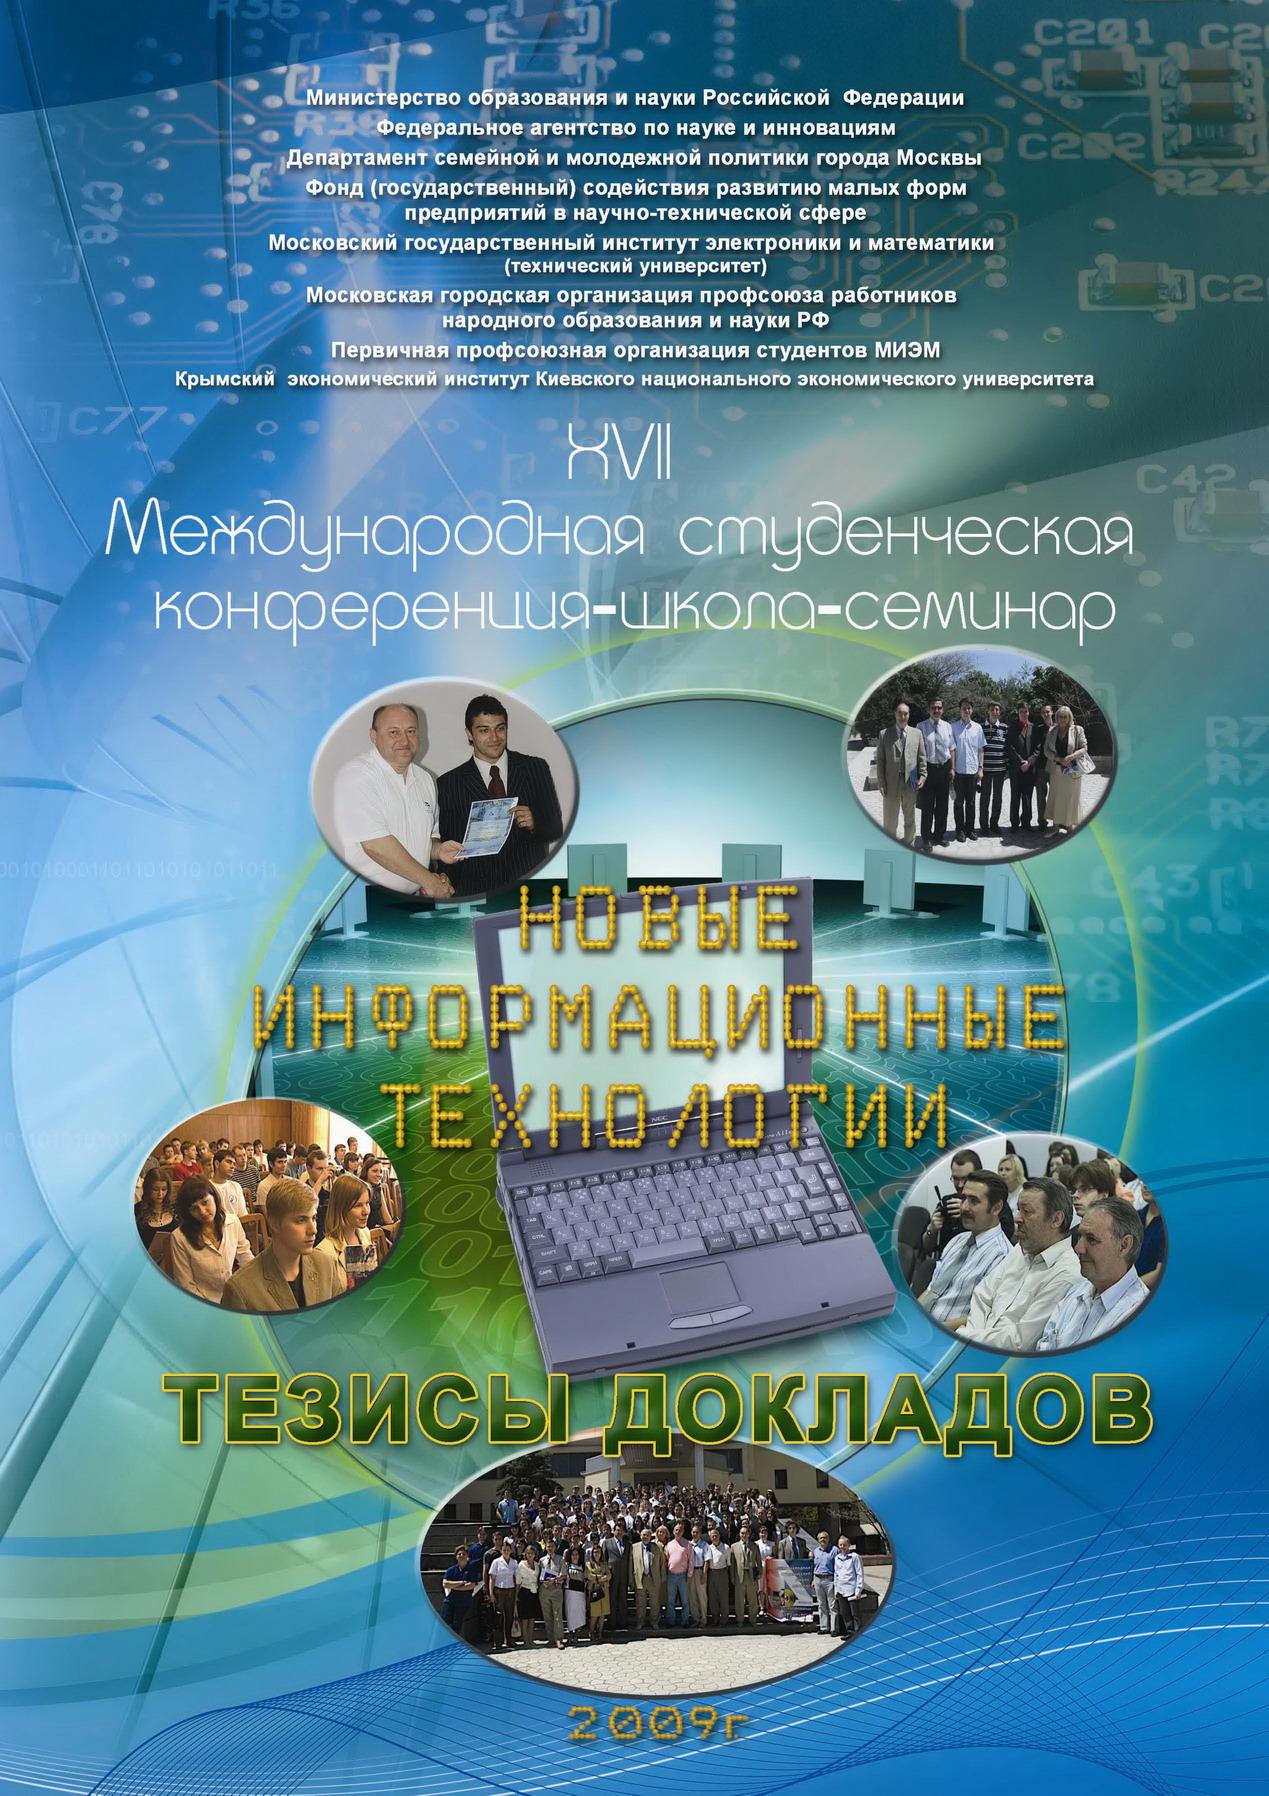 Новые информационные технологии. Тезисы докладов ХVII Международной студенческой конференции-школы-семинара